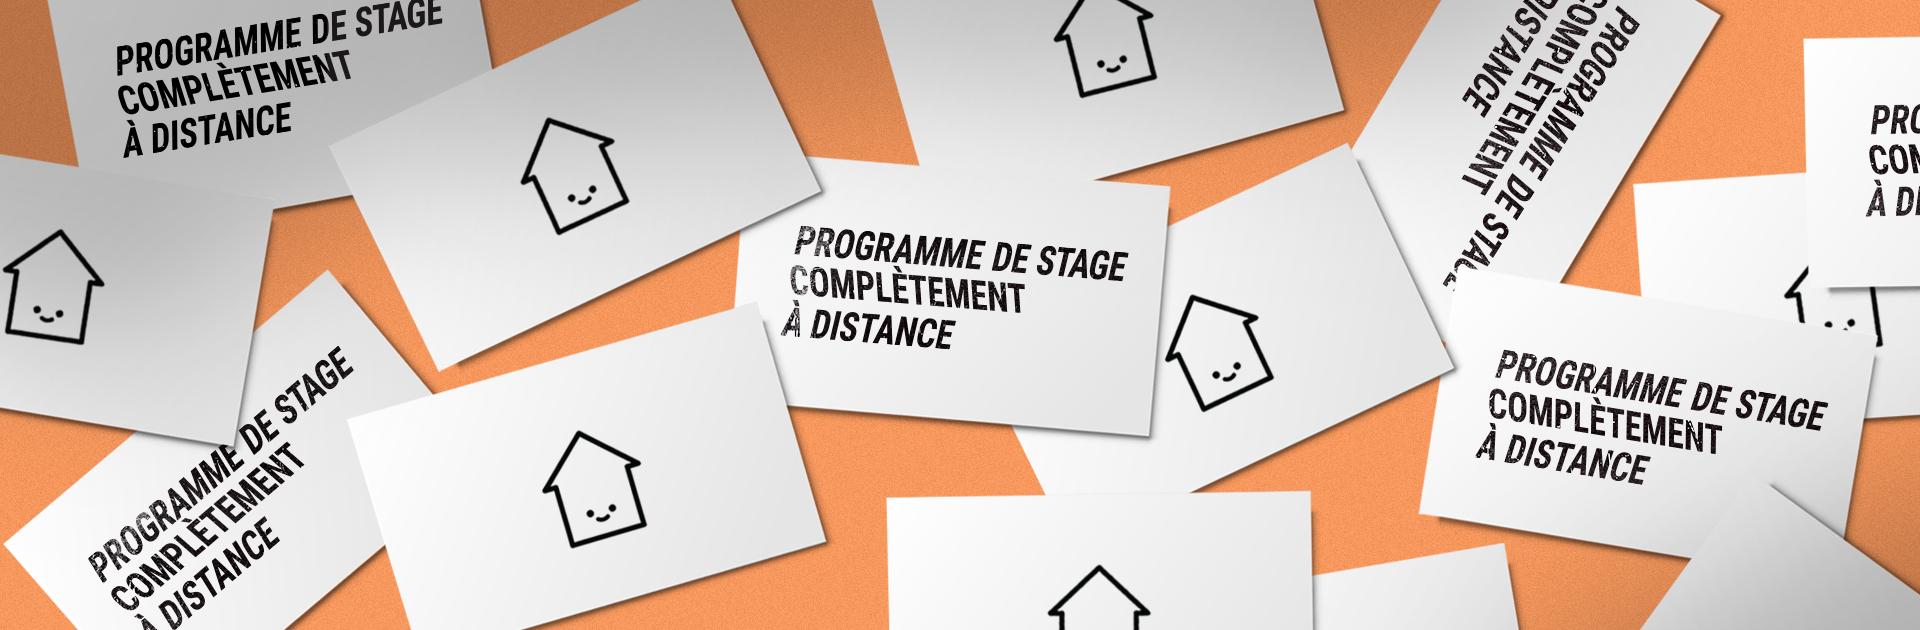 DES NOUVELLES DES RH | Behaviour Interactif et notre programme de stage complètement à distance